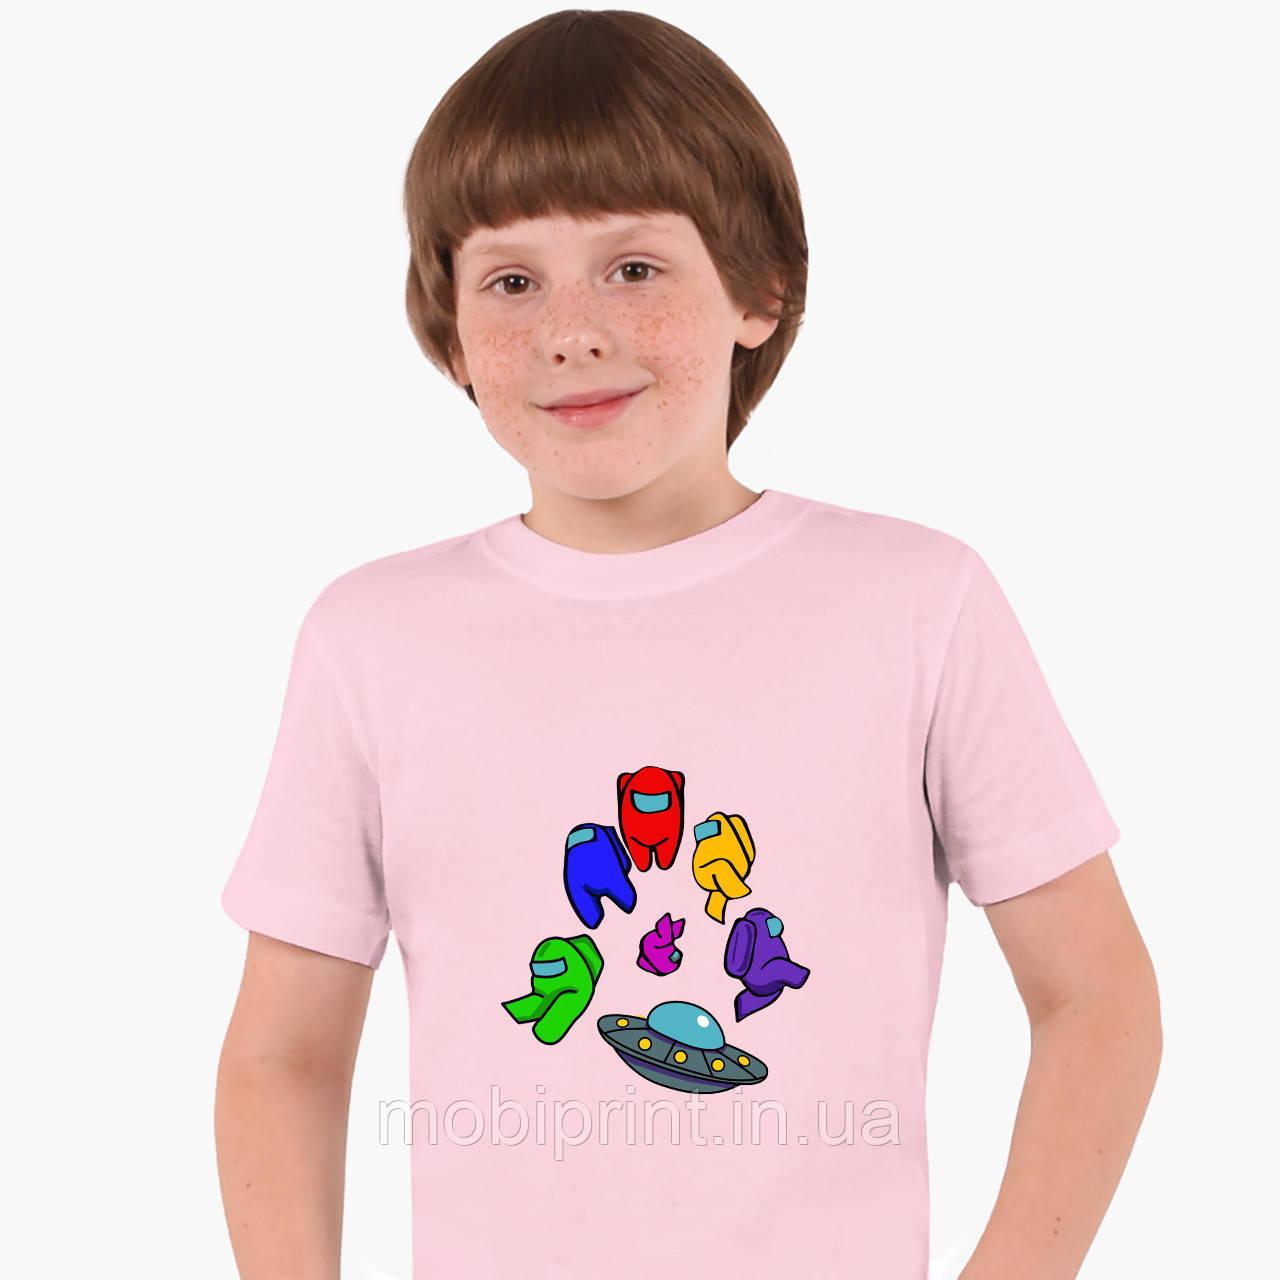 Детская футболка для мальчиков Амонг Ас (Among Us) (25186-2585) Розовый